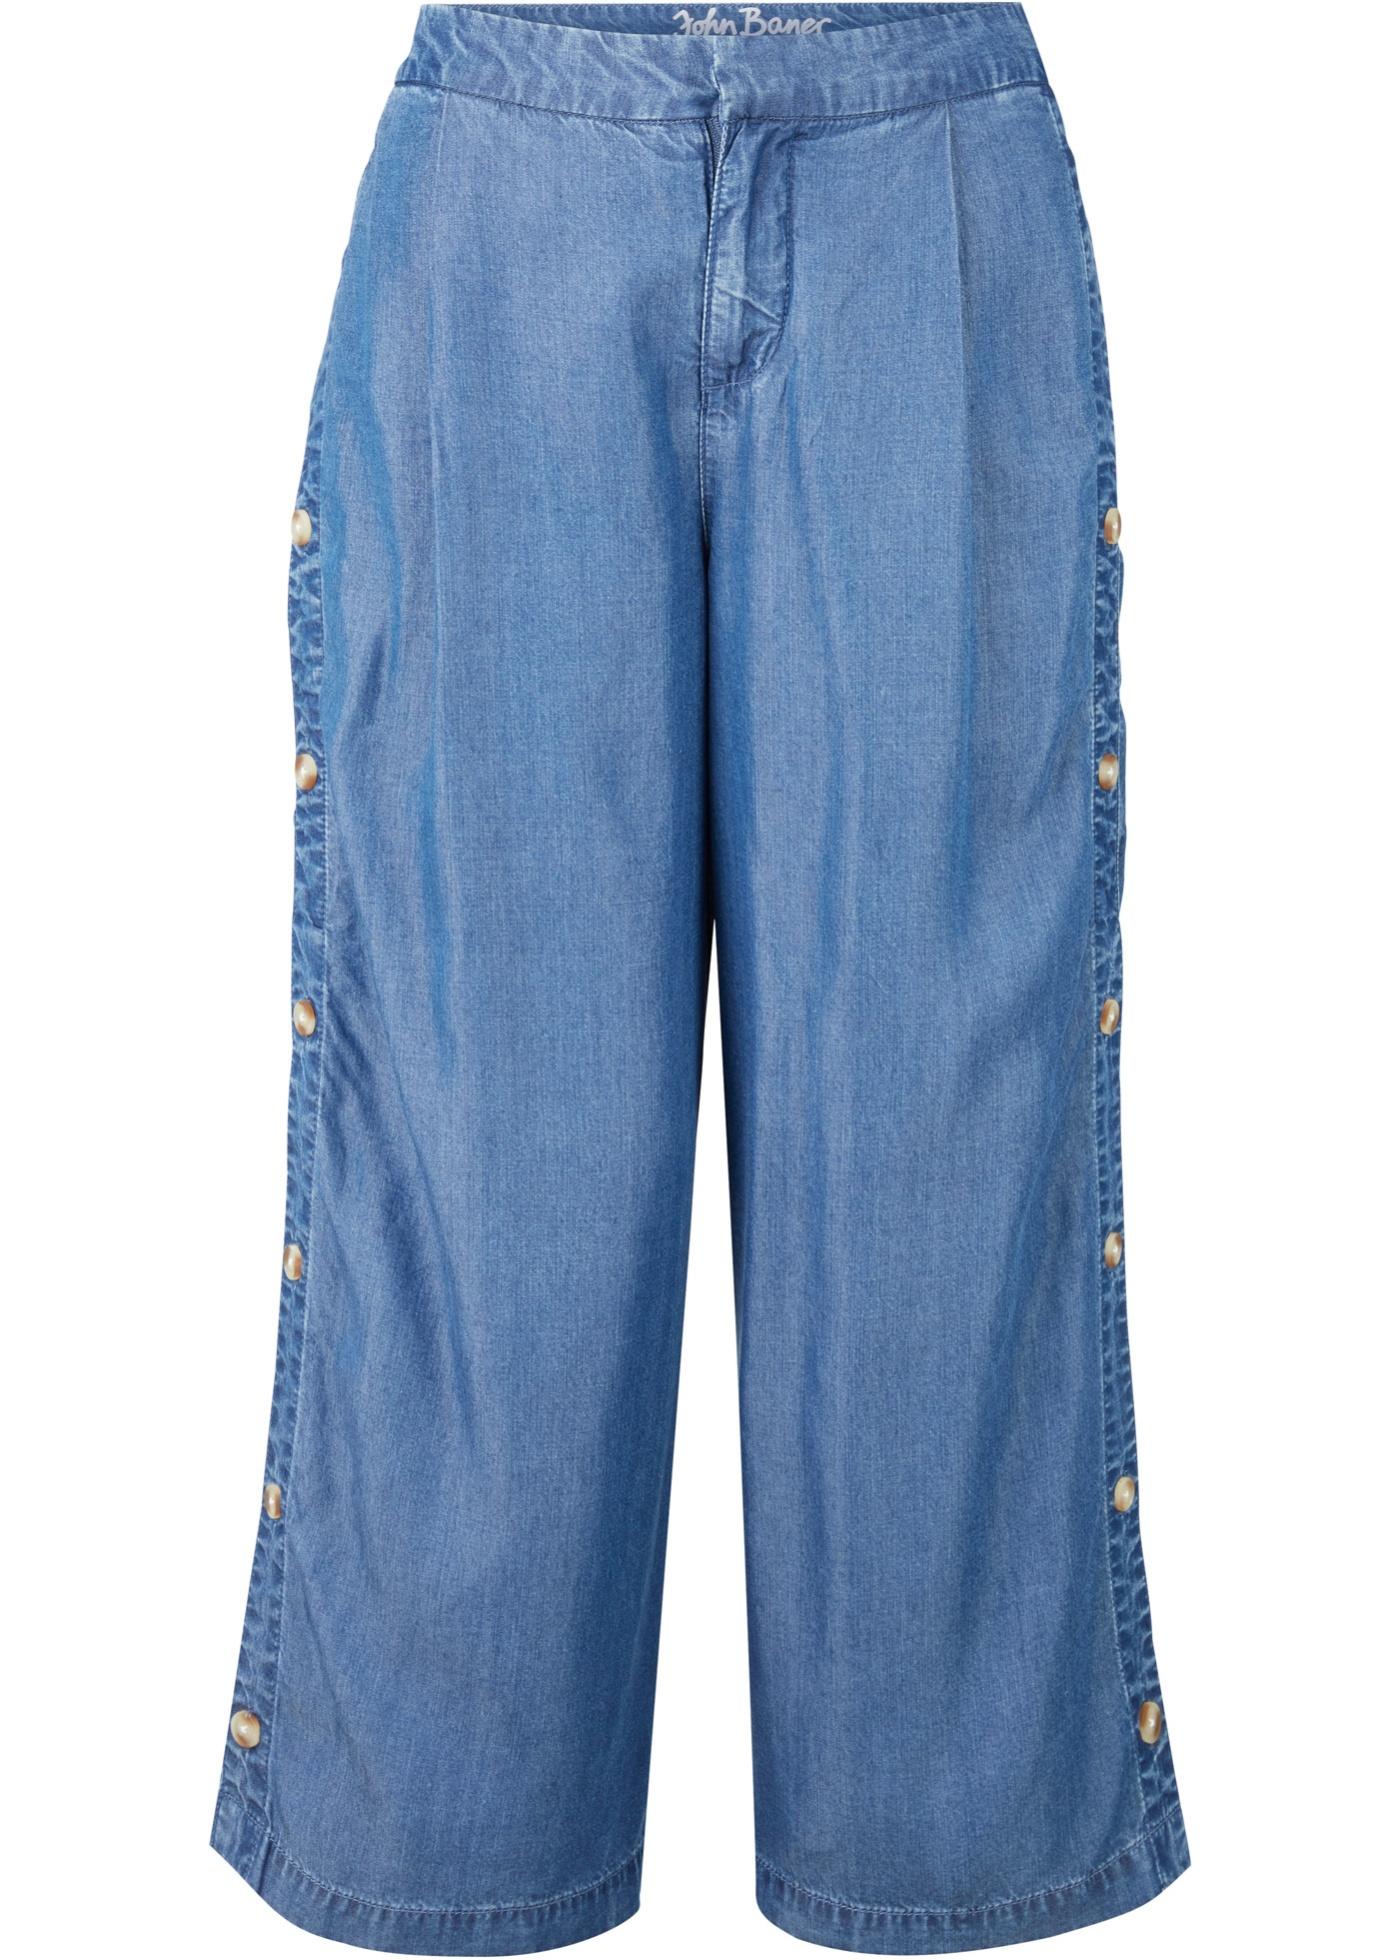 Nachhaltige Culotte aus TENCEL™ Lyocell in blau für Damen von bonprix